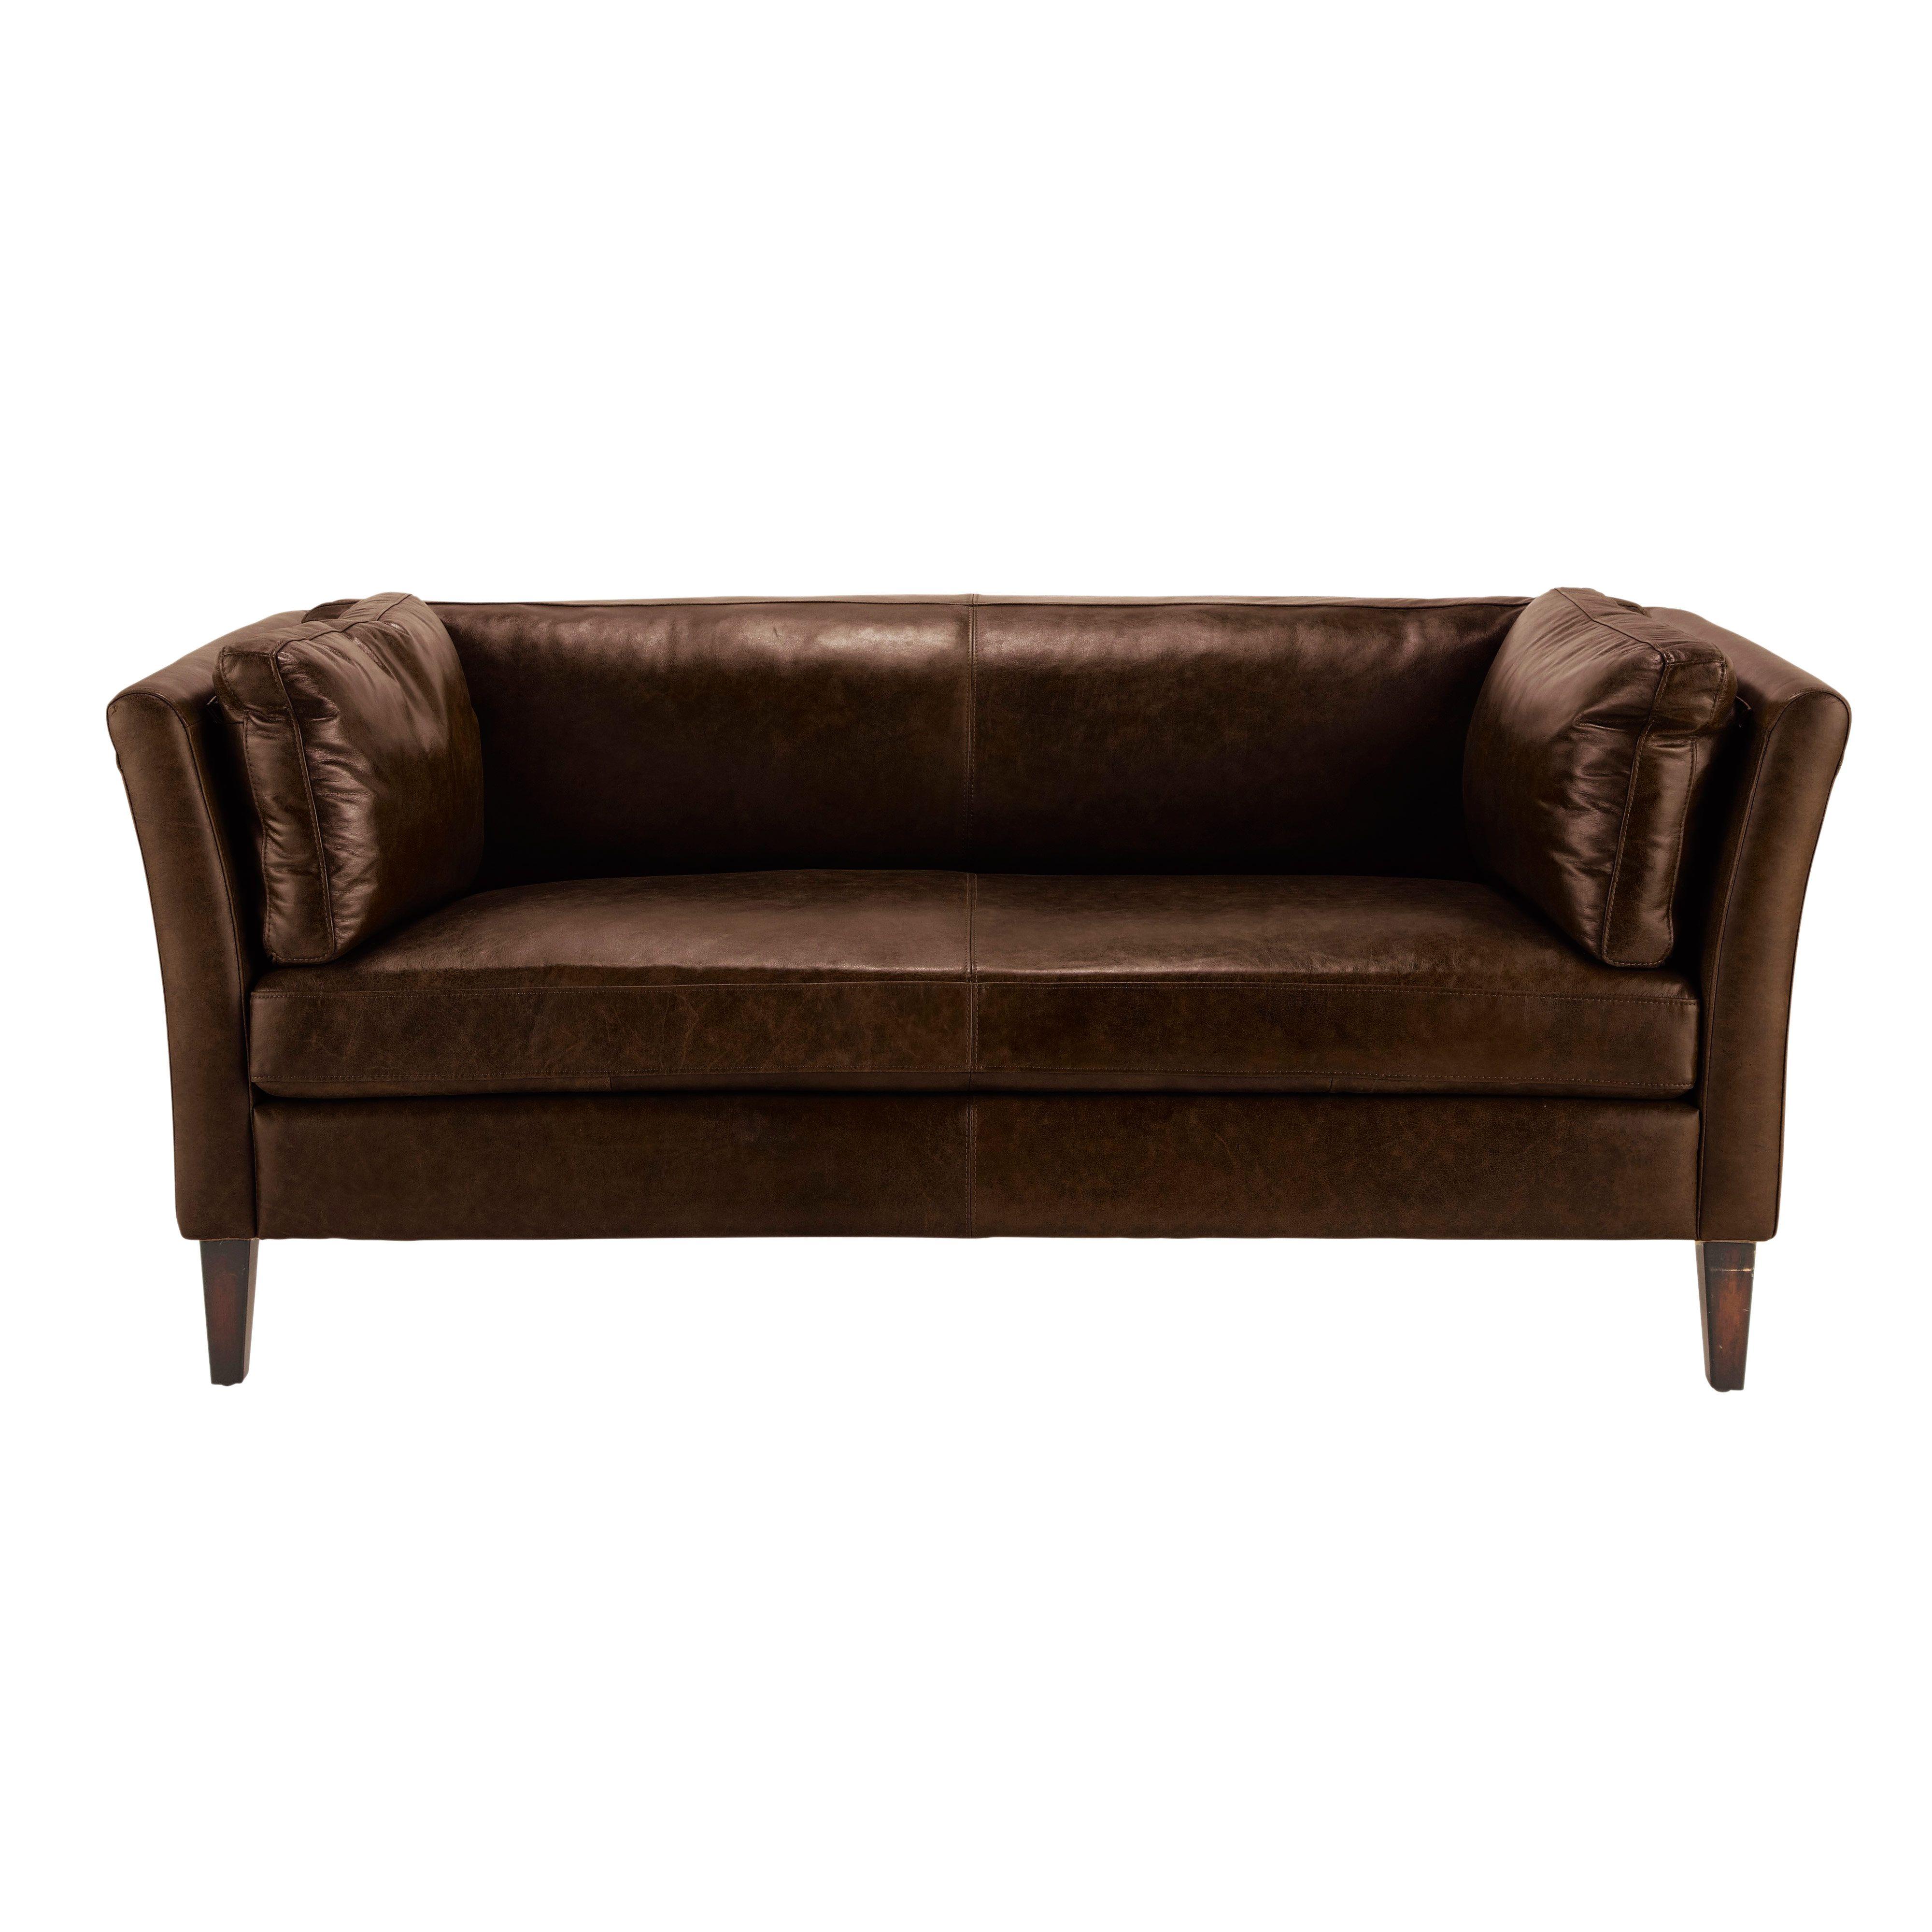 Canape Vintage 3 Places En Cuir Marron Prescott Sofa Leder Vintage